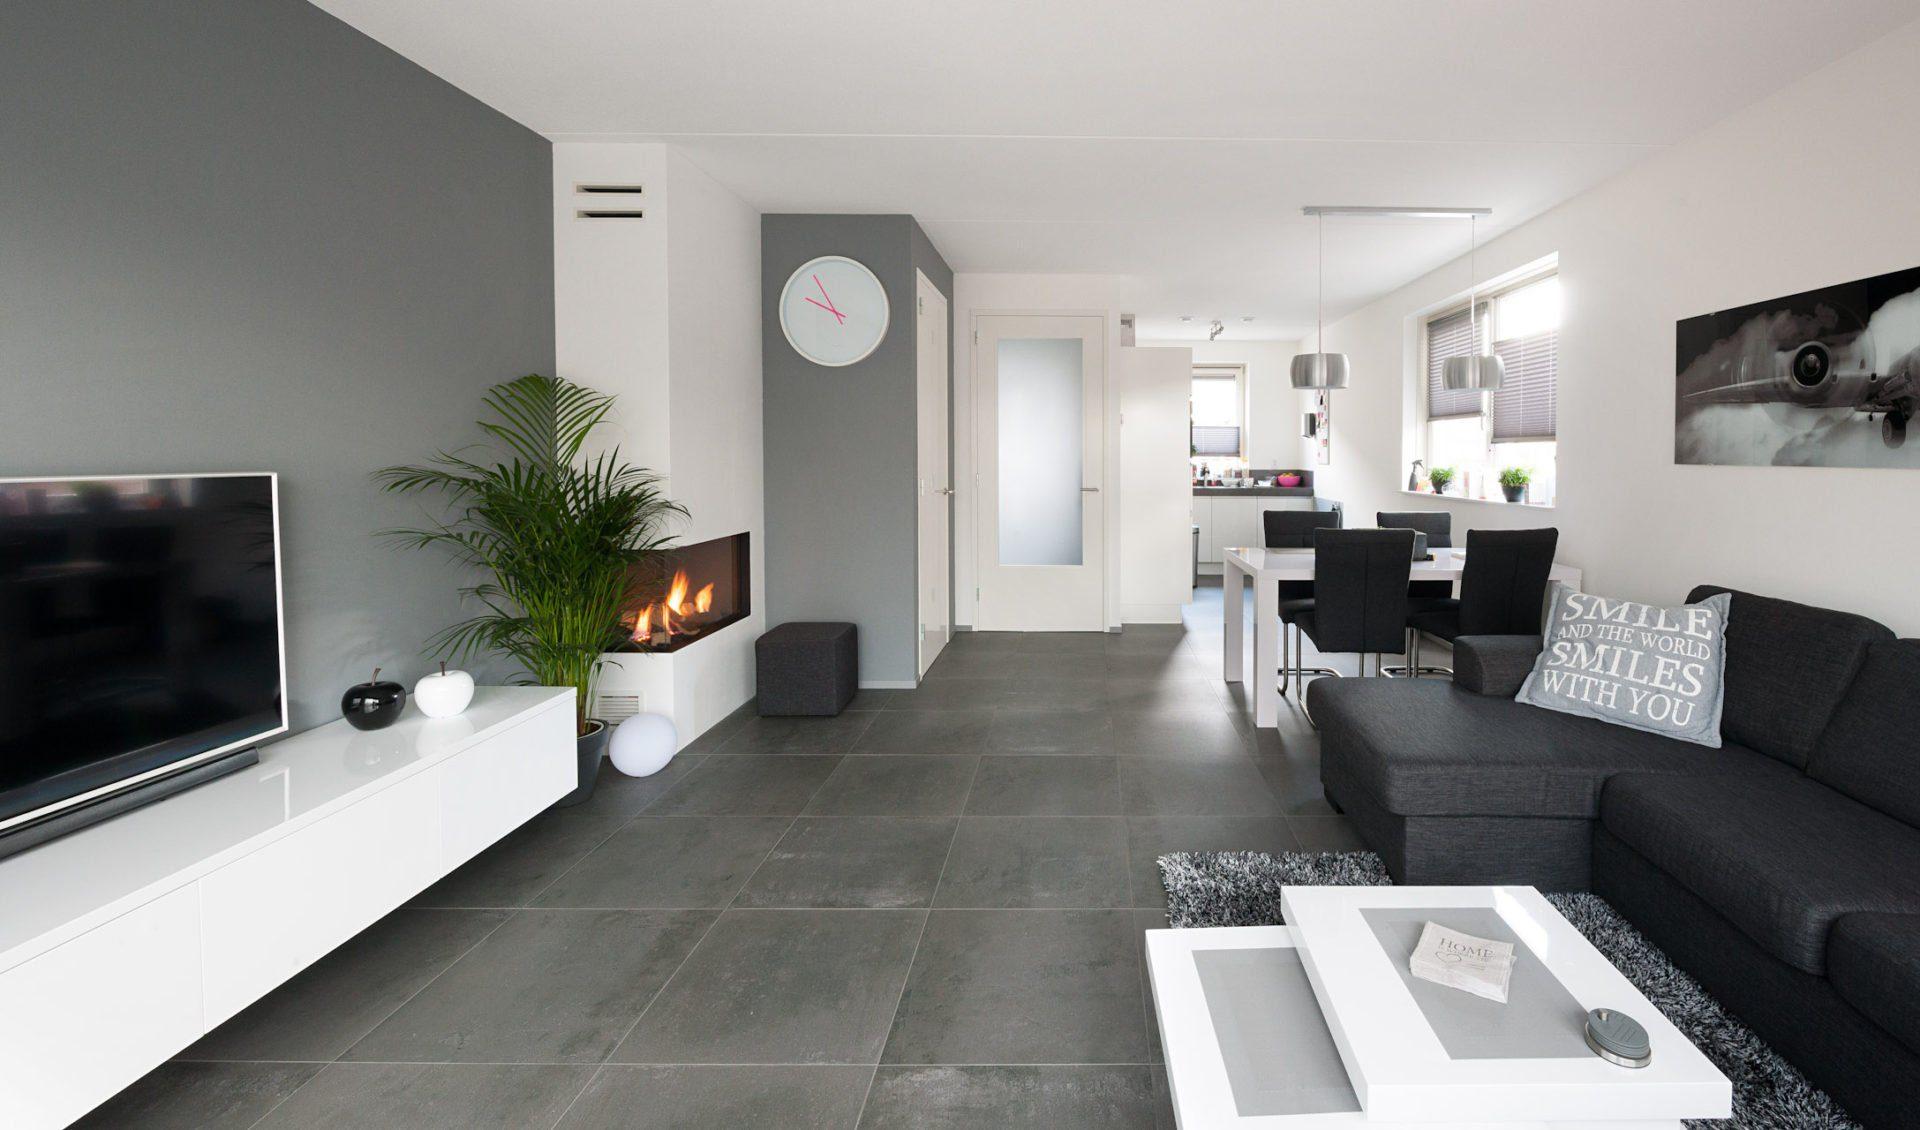 Vloertegels woonkamer kroon vloeren in steen Welke nl woonkamer